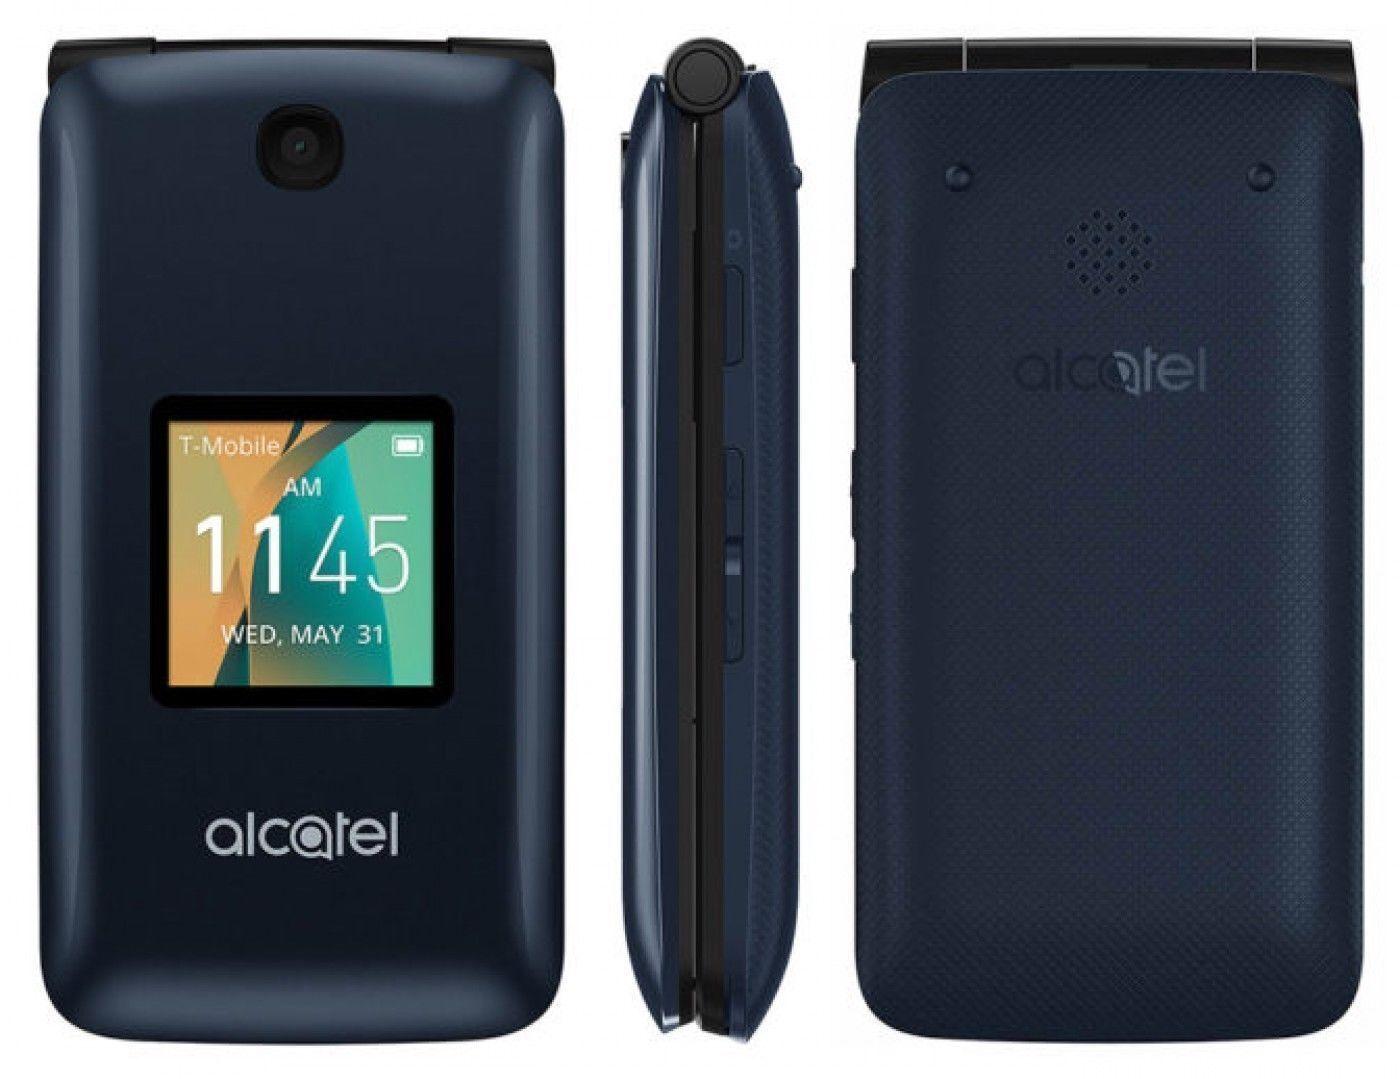 New GO FLIP  Flip Phone T-Mobile AT&T UNLOCKED GSM 4G LTE